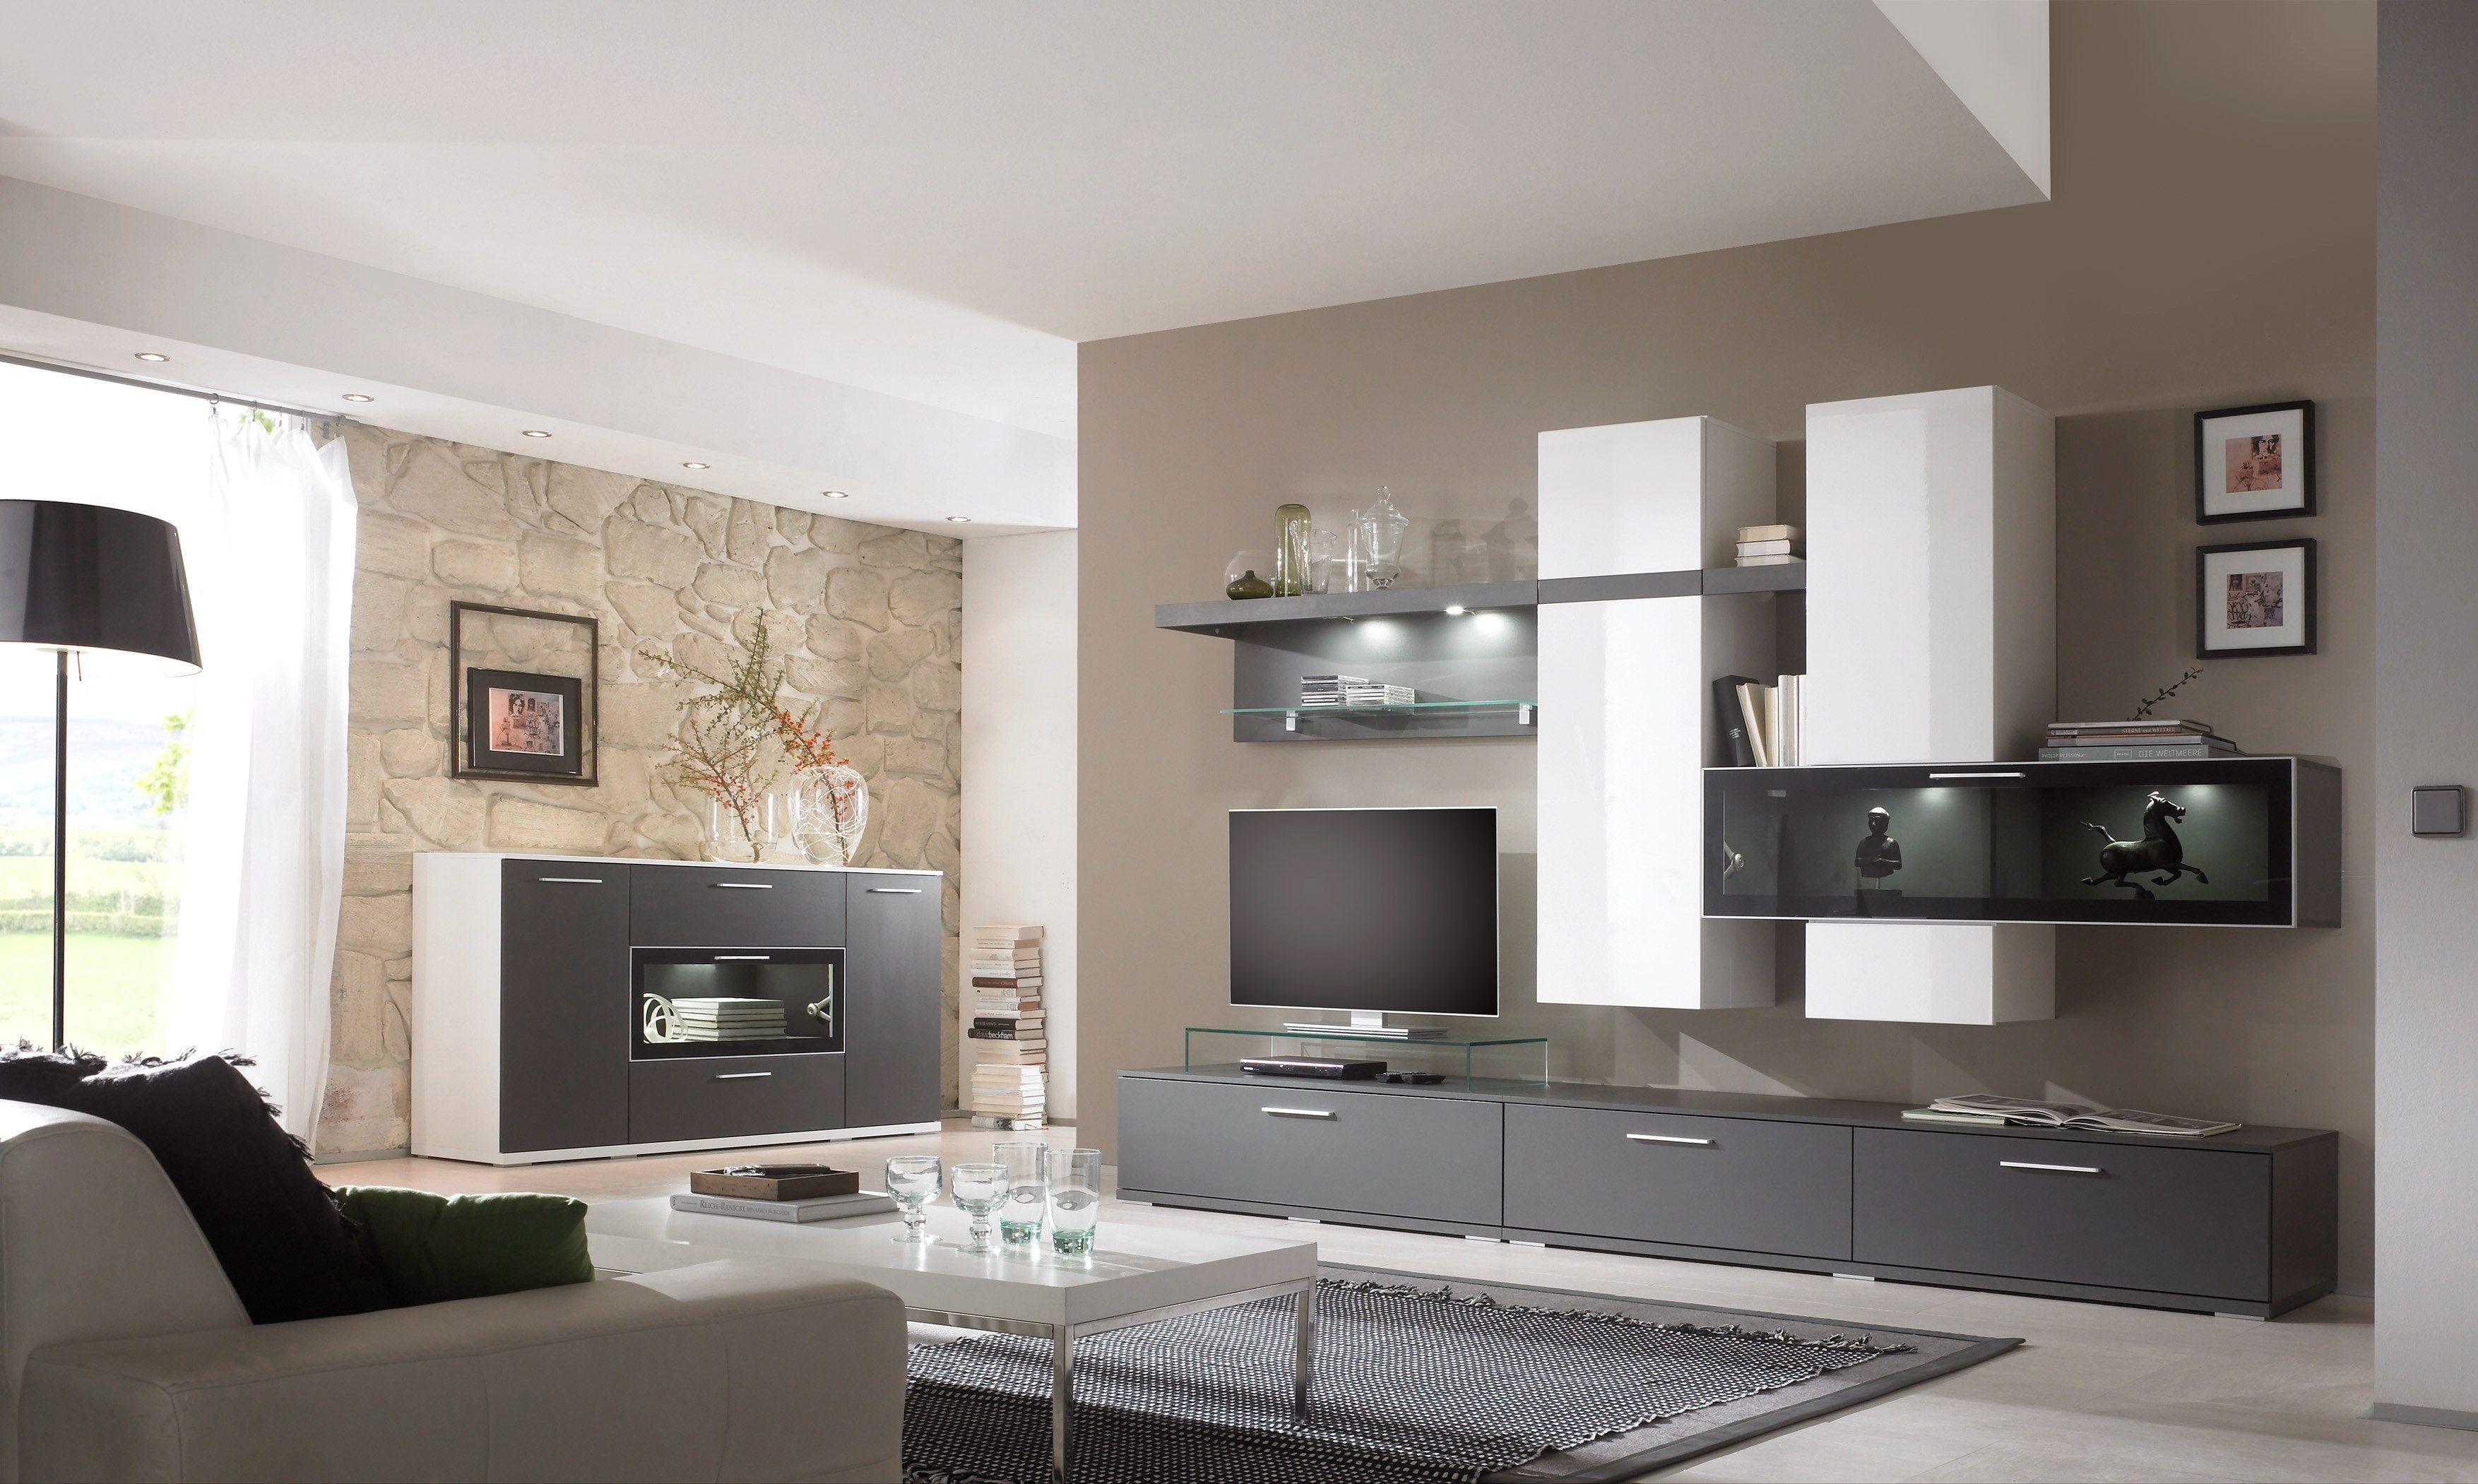 Wohnzimmer Farbe Grau Kombinieren Wandgestaltung Wohnzimmer Grau, Wohnzimmer  Braun, Stilvolle Wohnzimmer, Bilder Wohnzimmer